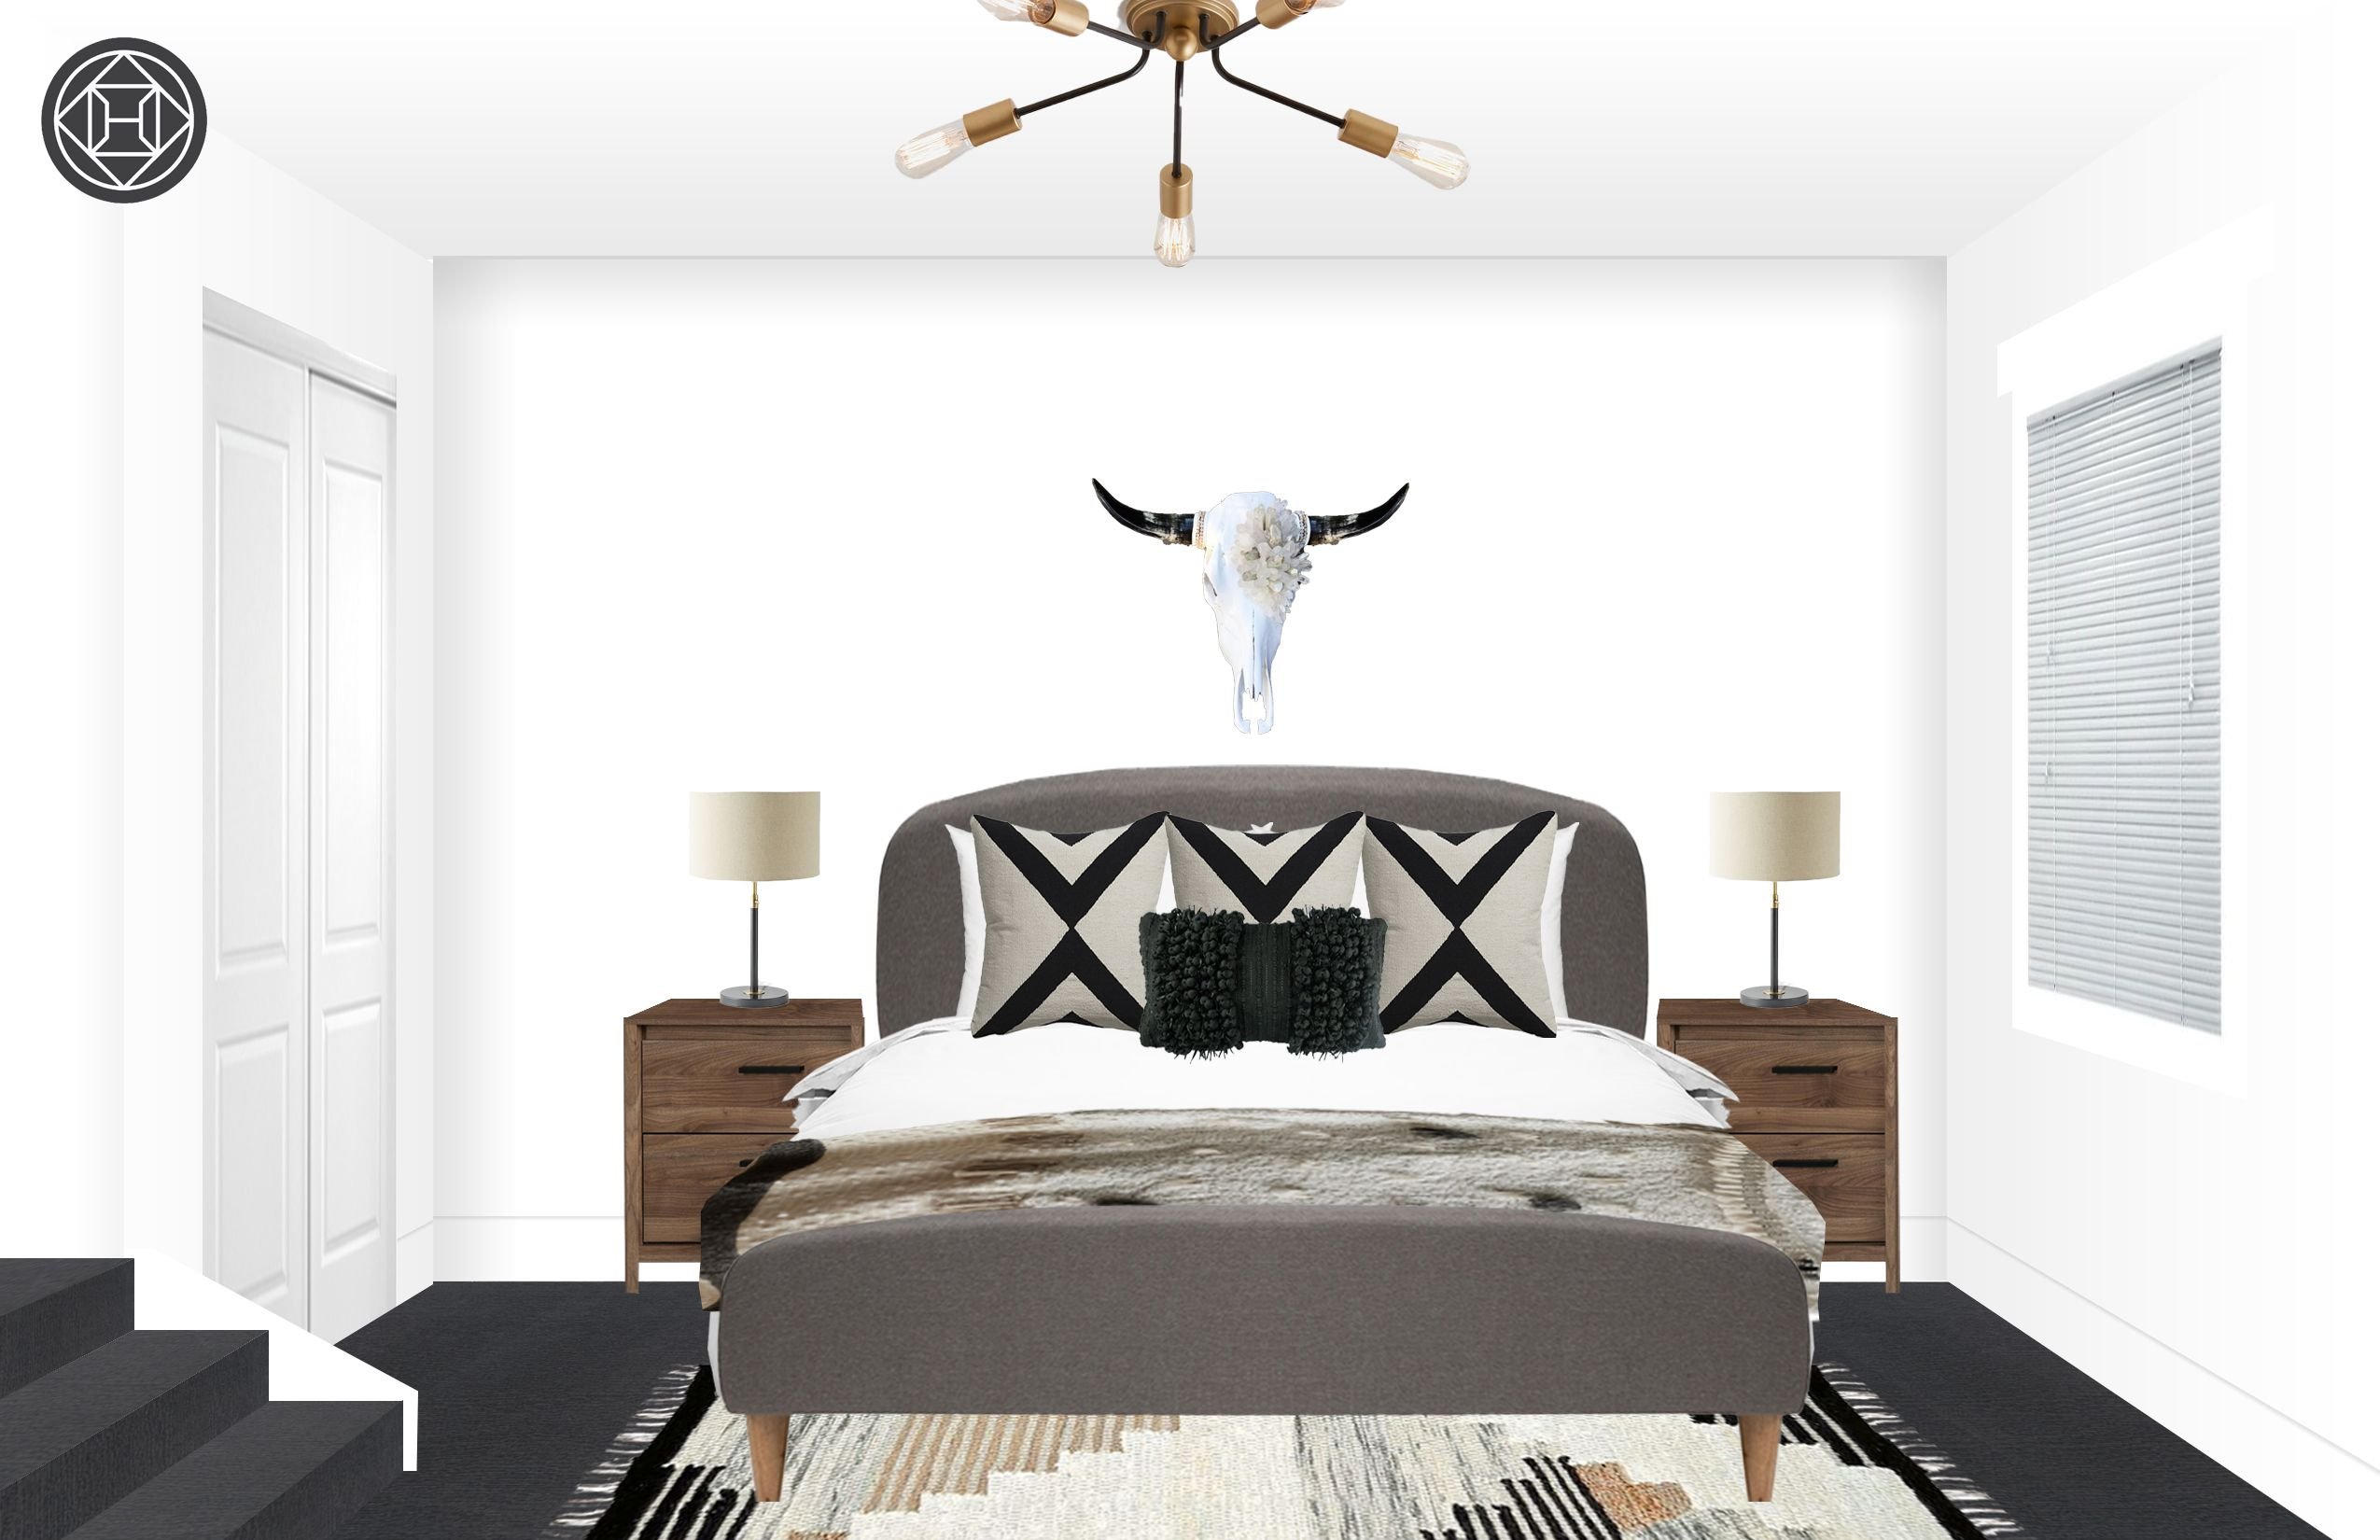 Best Bohemian Rustic Scandinavian Bedroom Design By Havenly 640 x 480